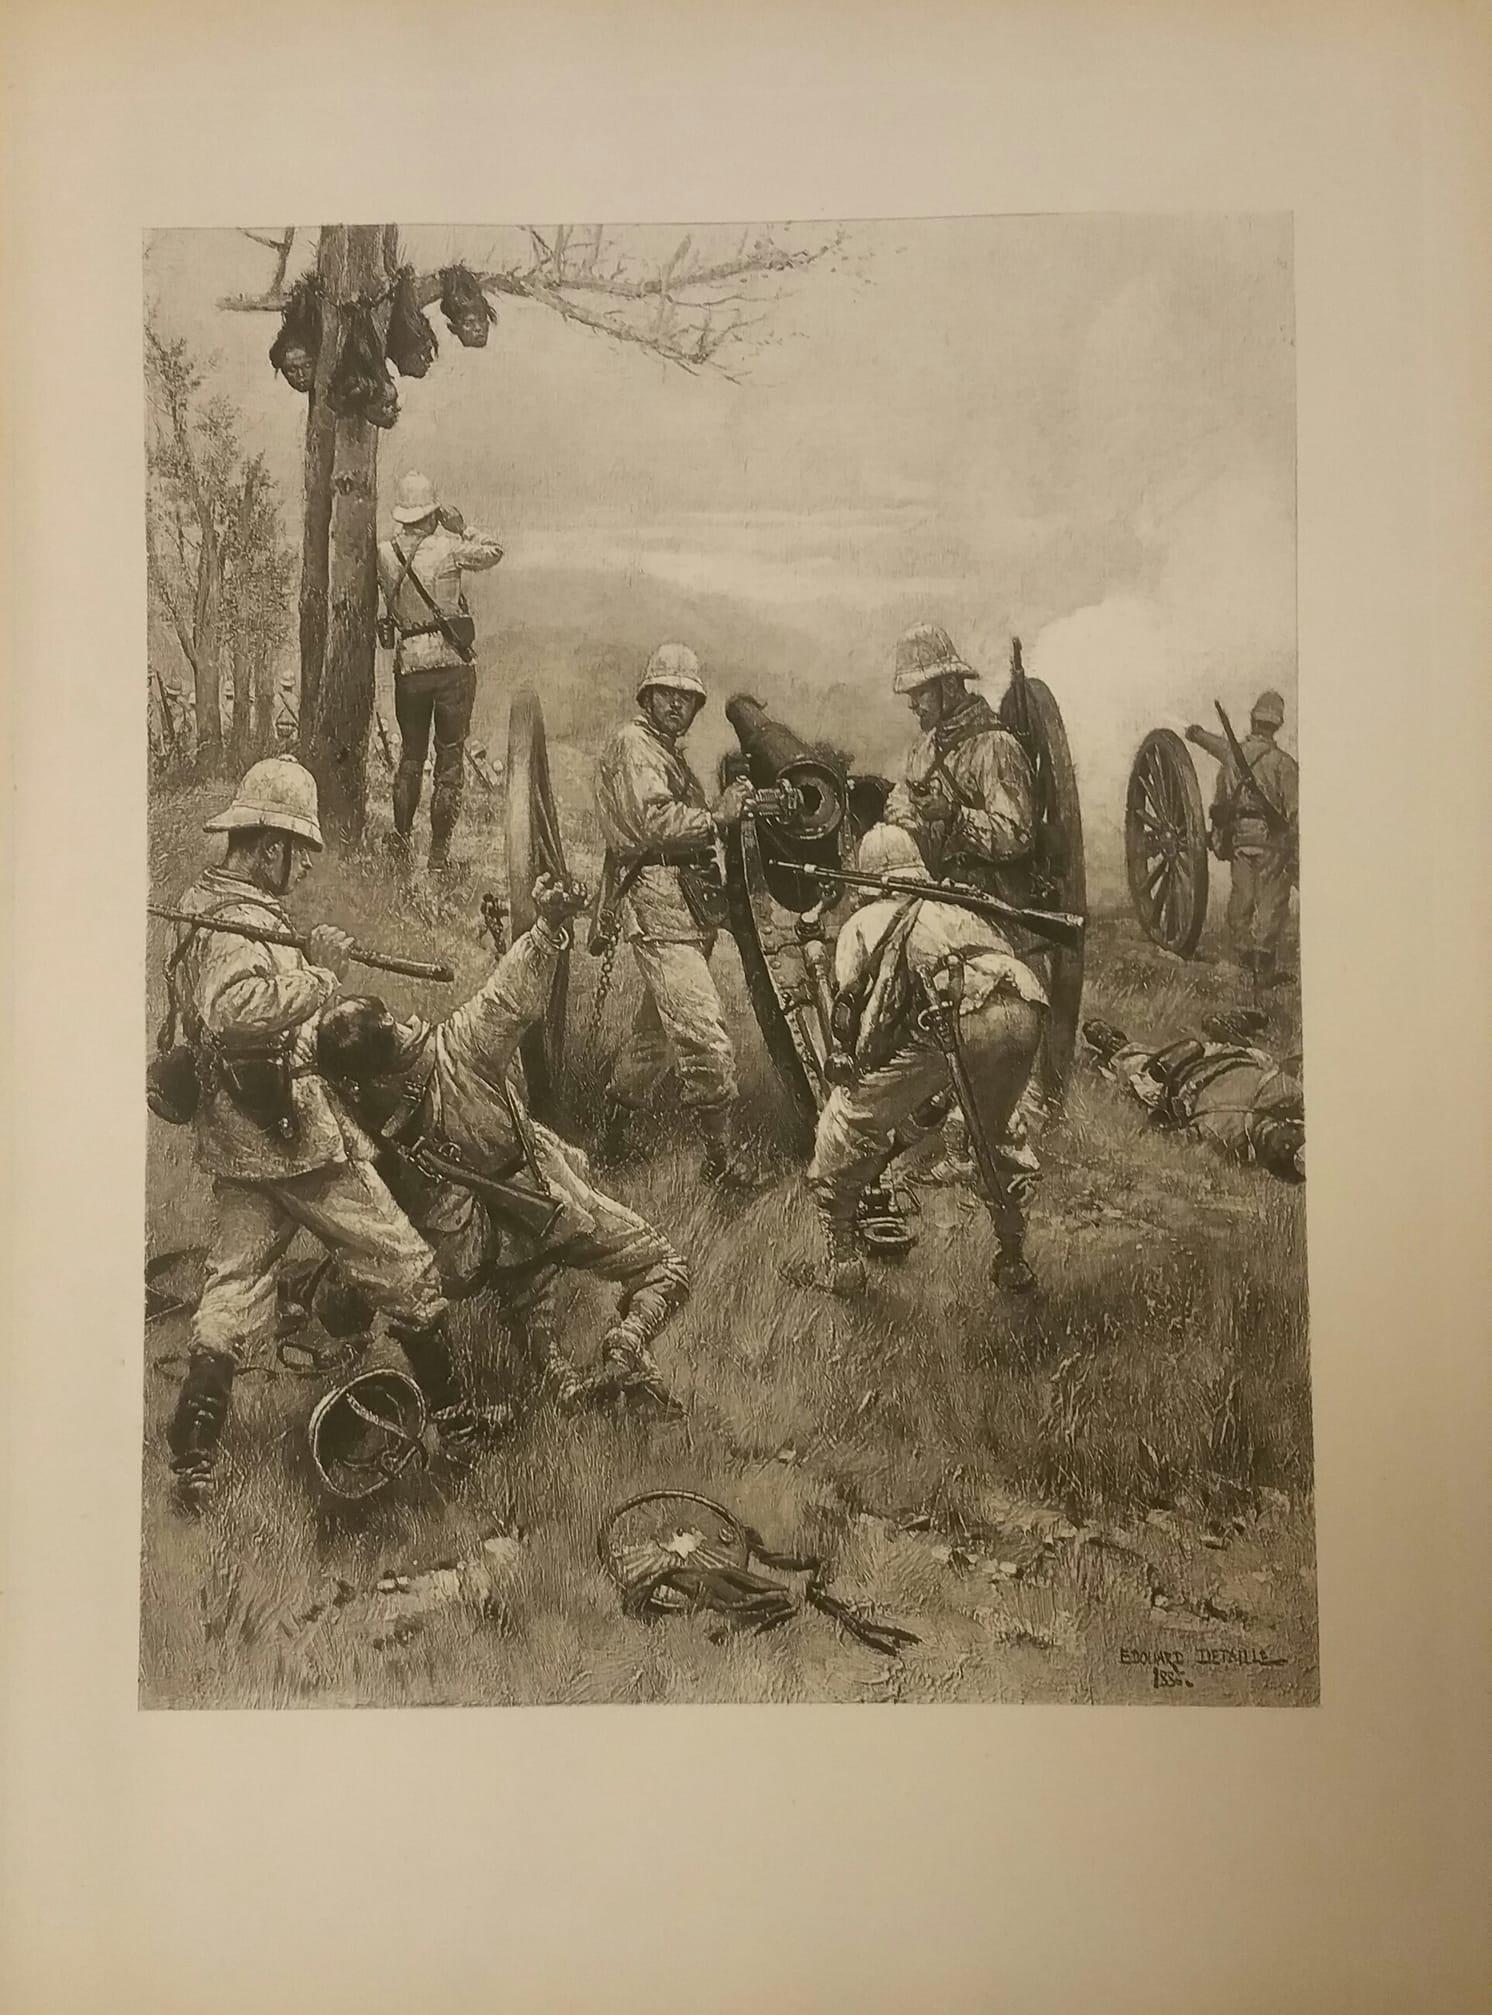 British soldiers - Zulu? Crimean War?